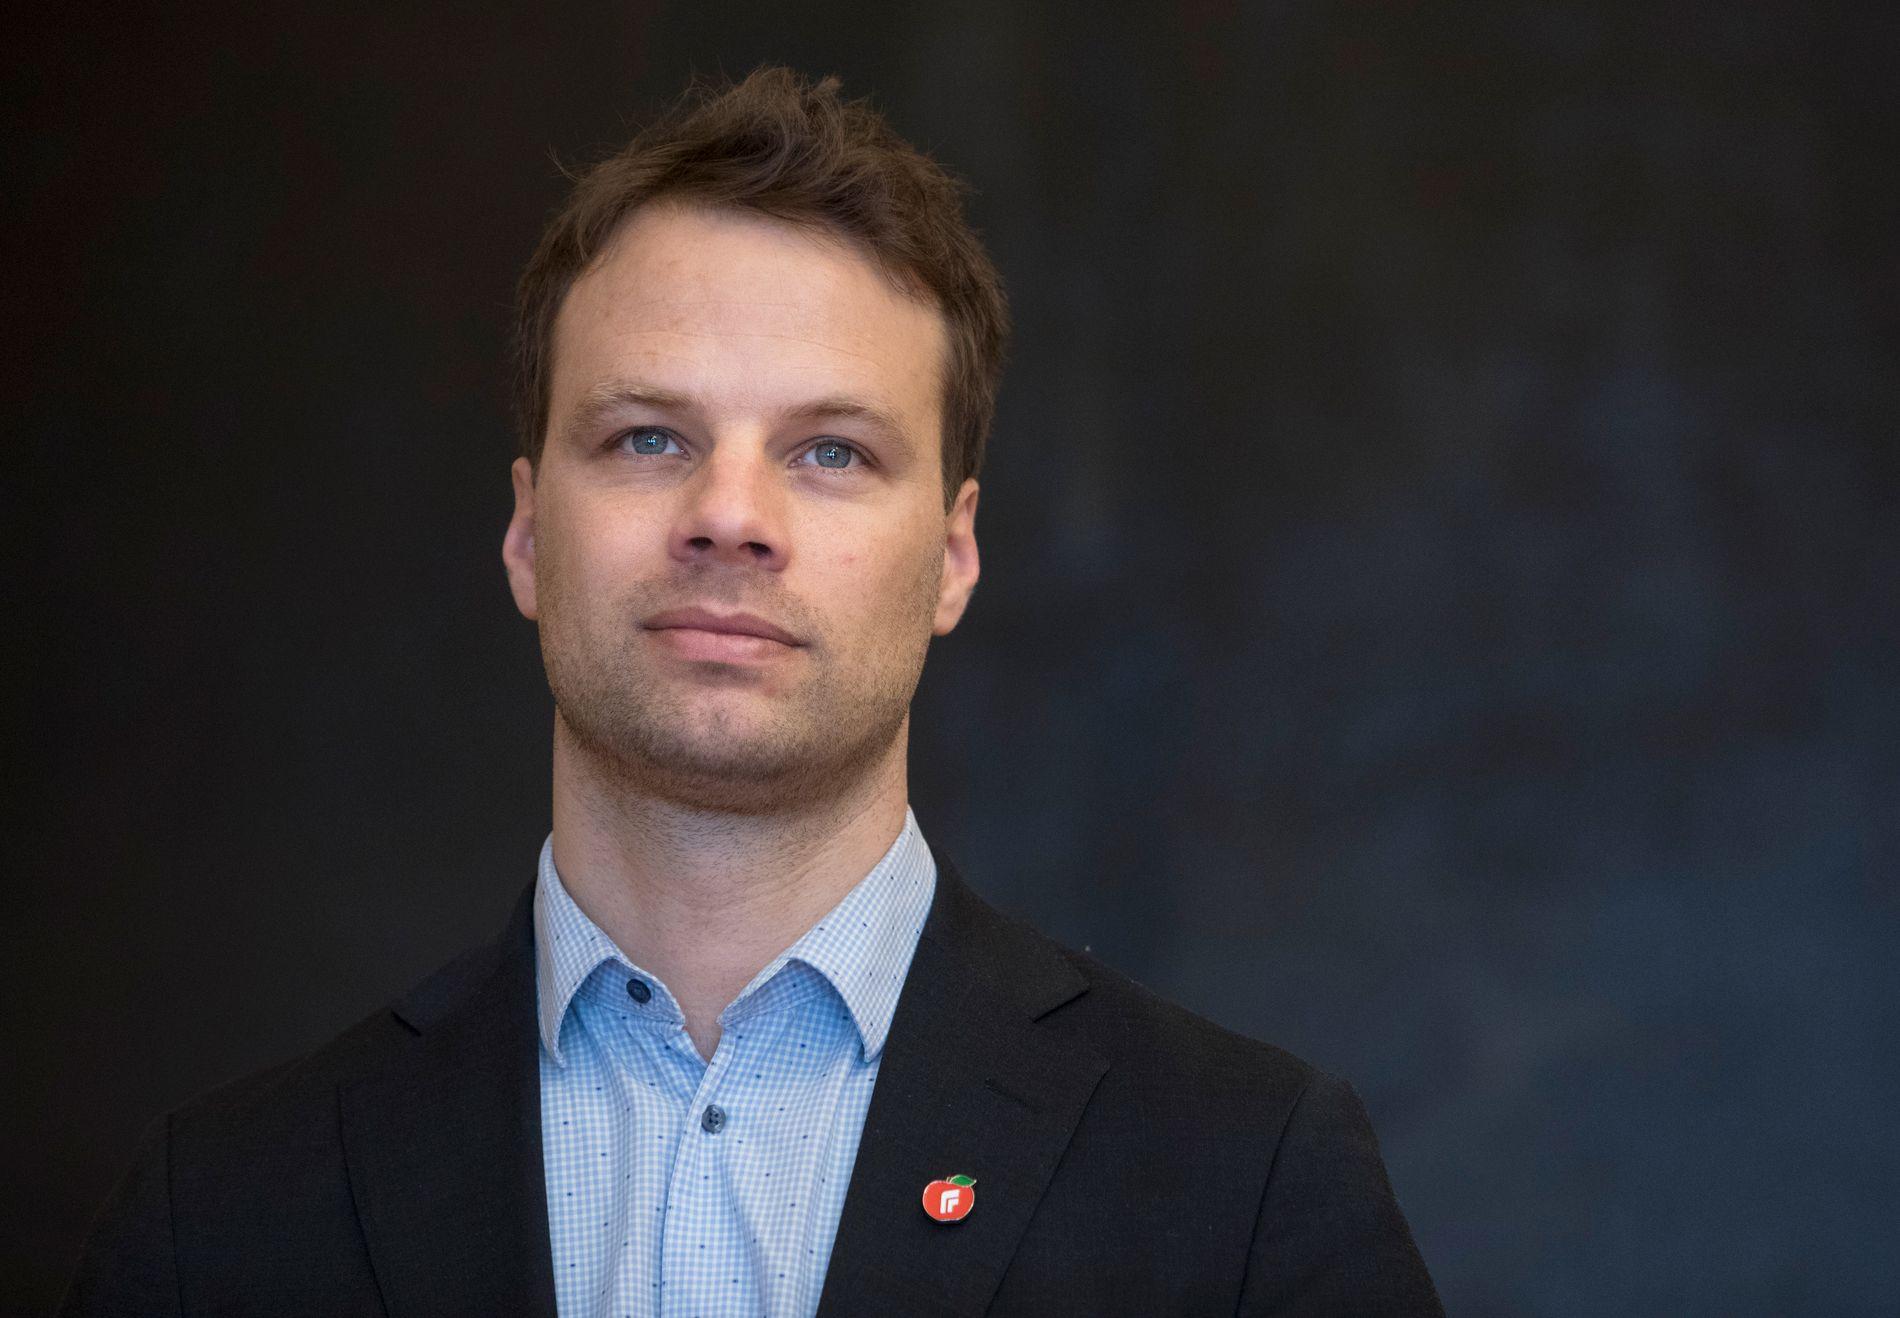 Fremskrittspartiets stortingsrepresentant  Jon Helgheim  preker ikke for andre enn de allerede frelste når han argumenterer med biologi mot norsk likestillingspolitikk.